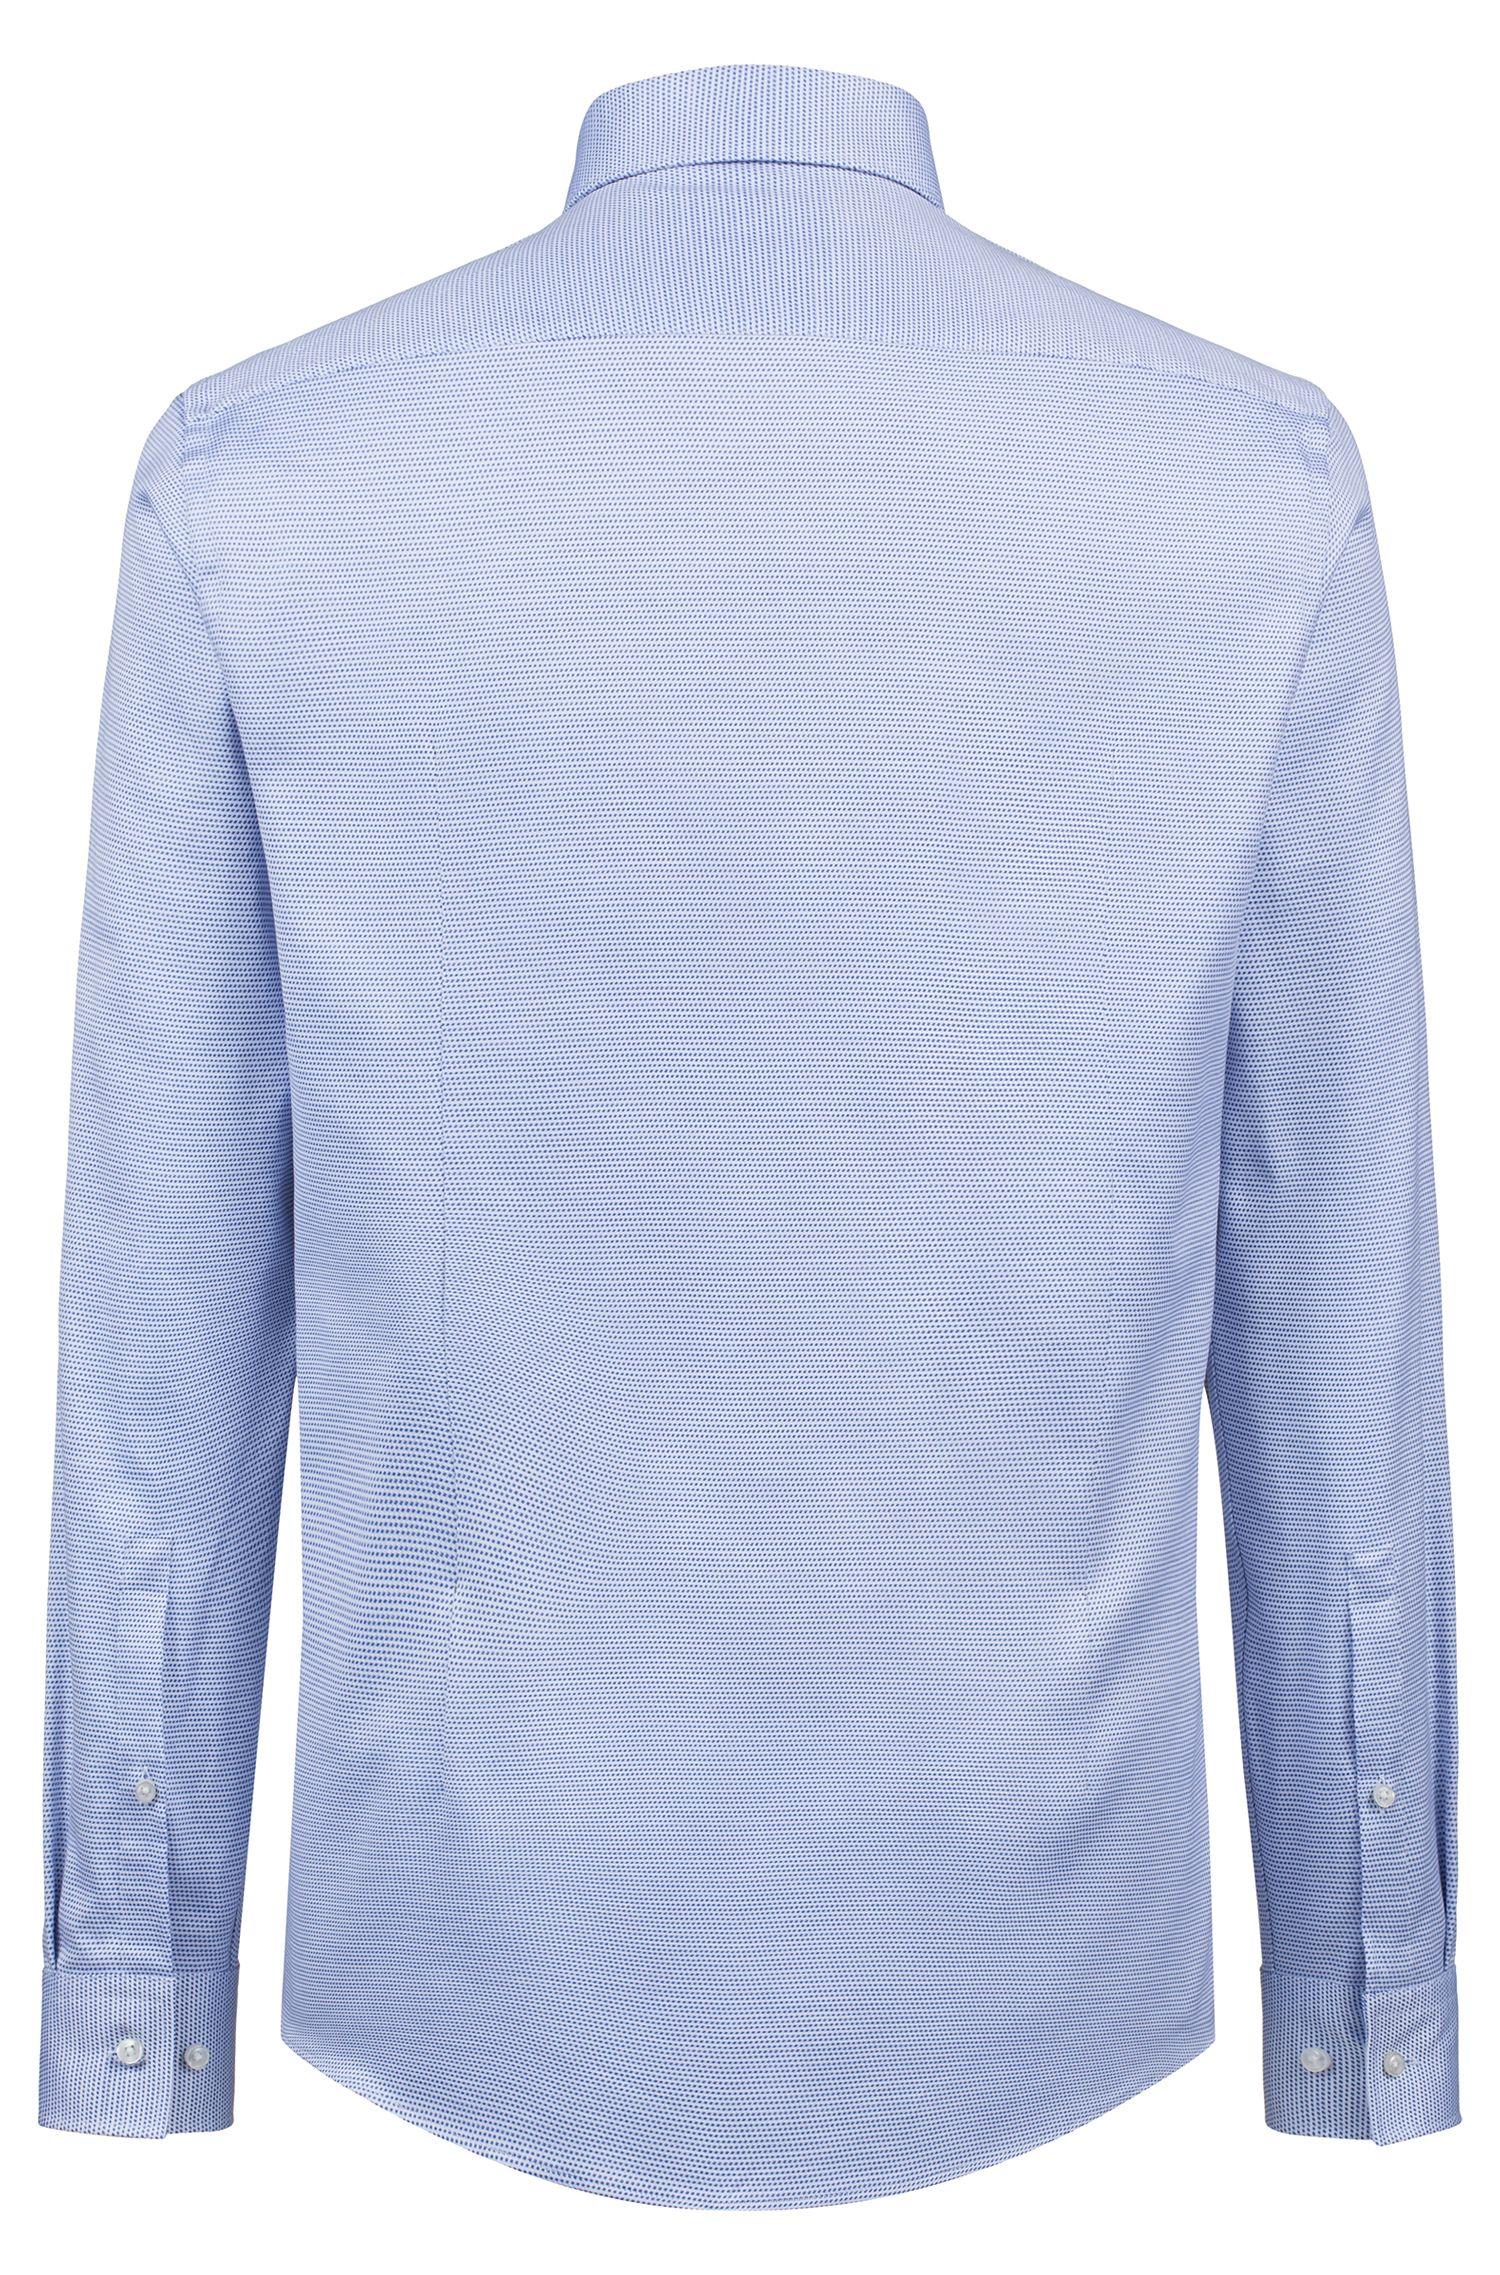 Chemise Slim Fit en coton structuré, Bleu